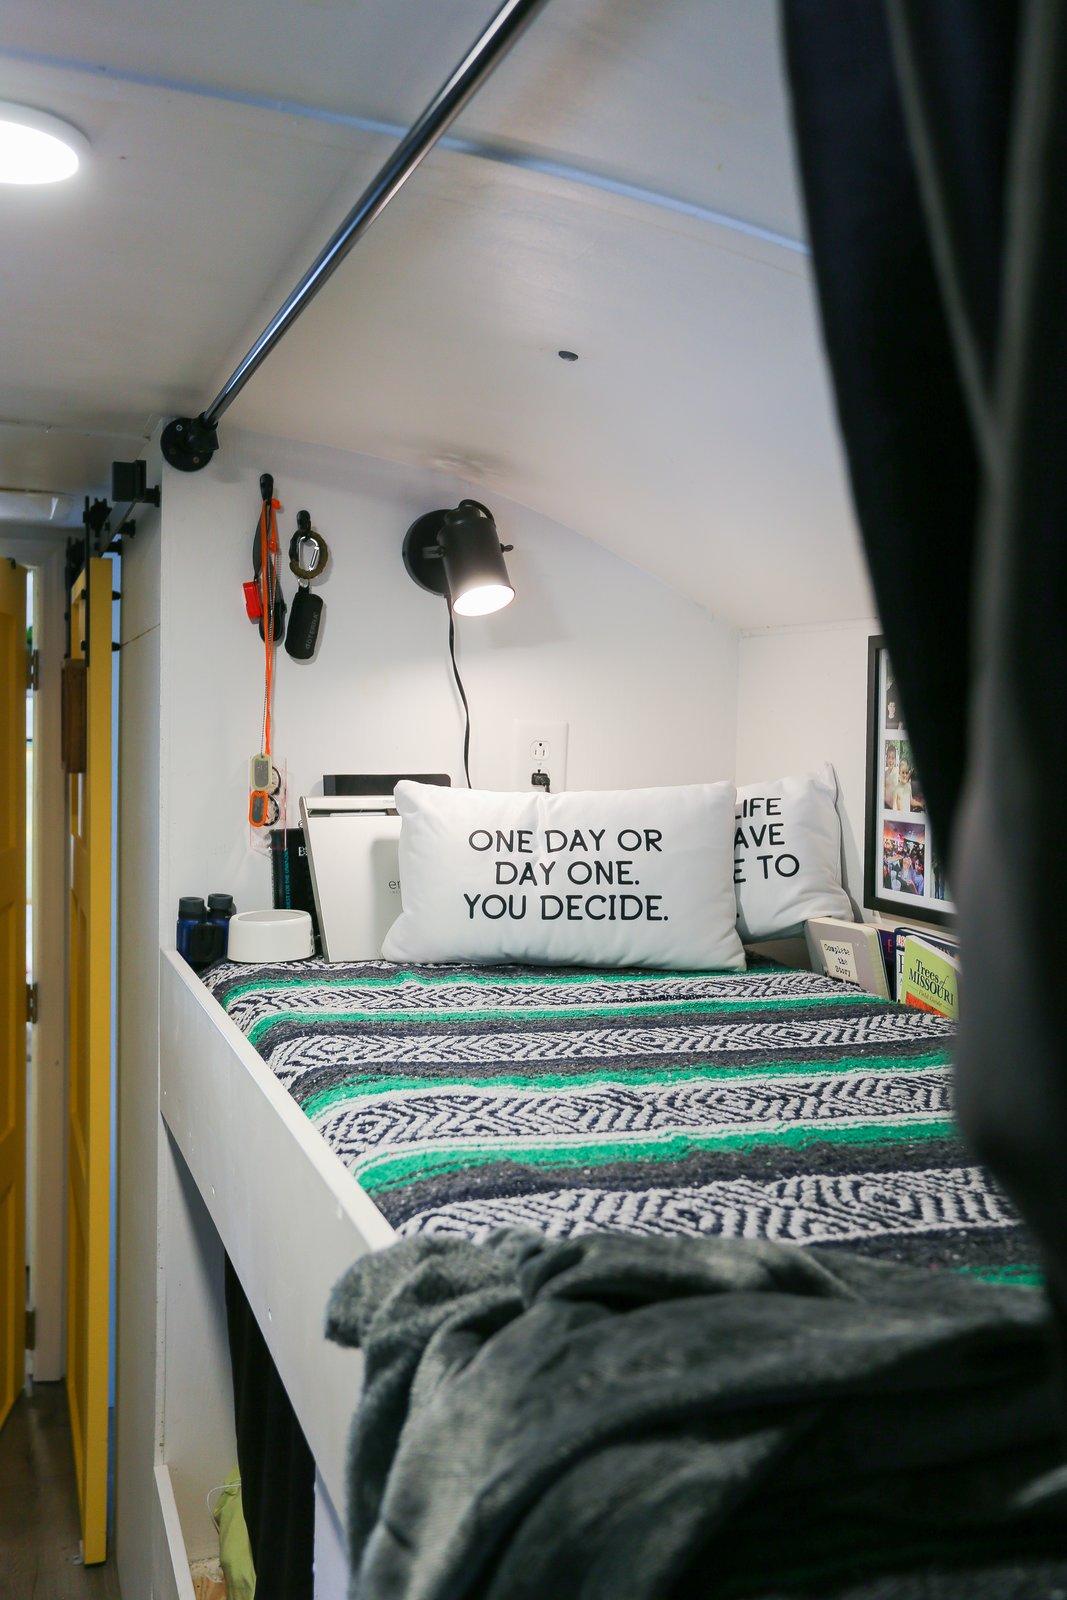 Big Booty Judy school bus bunk room